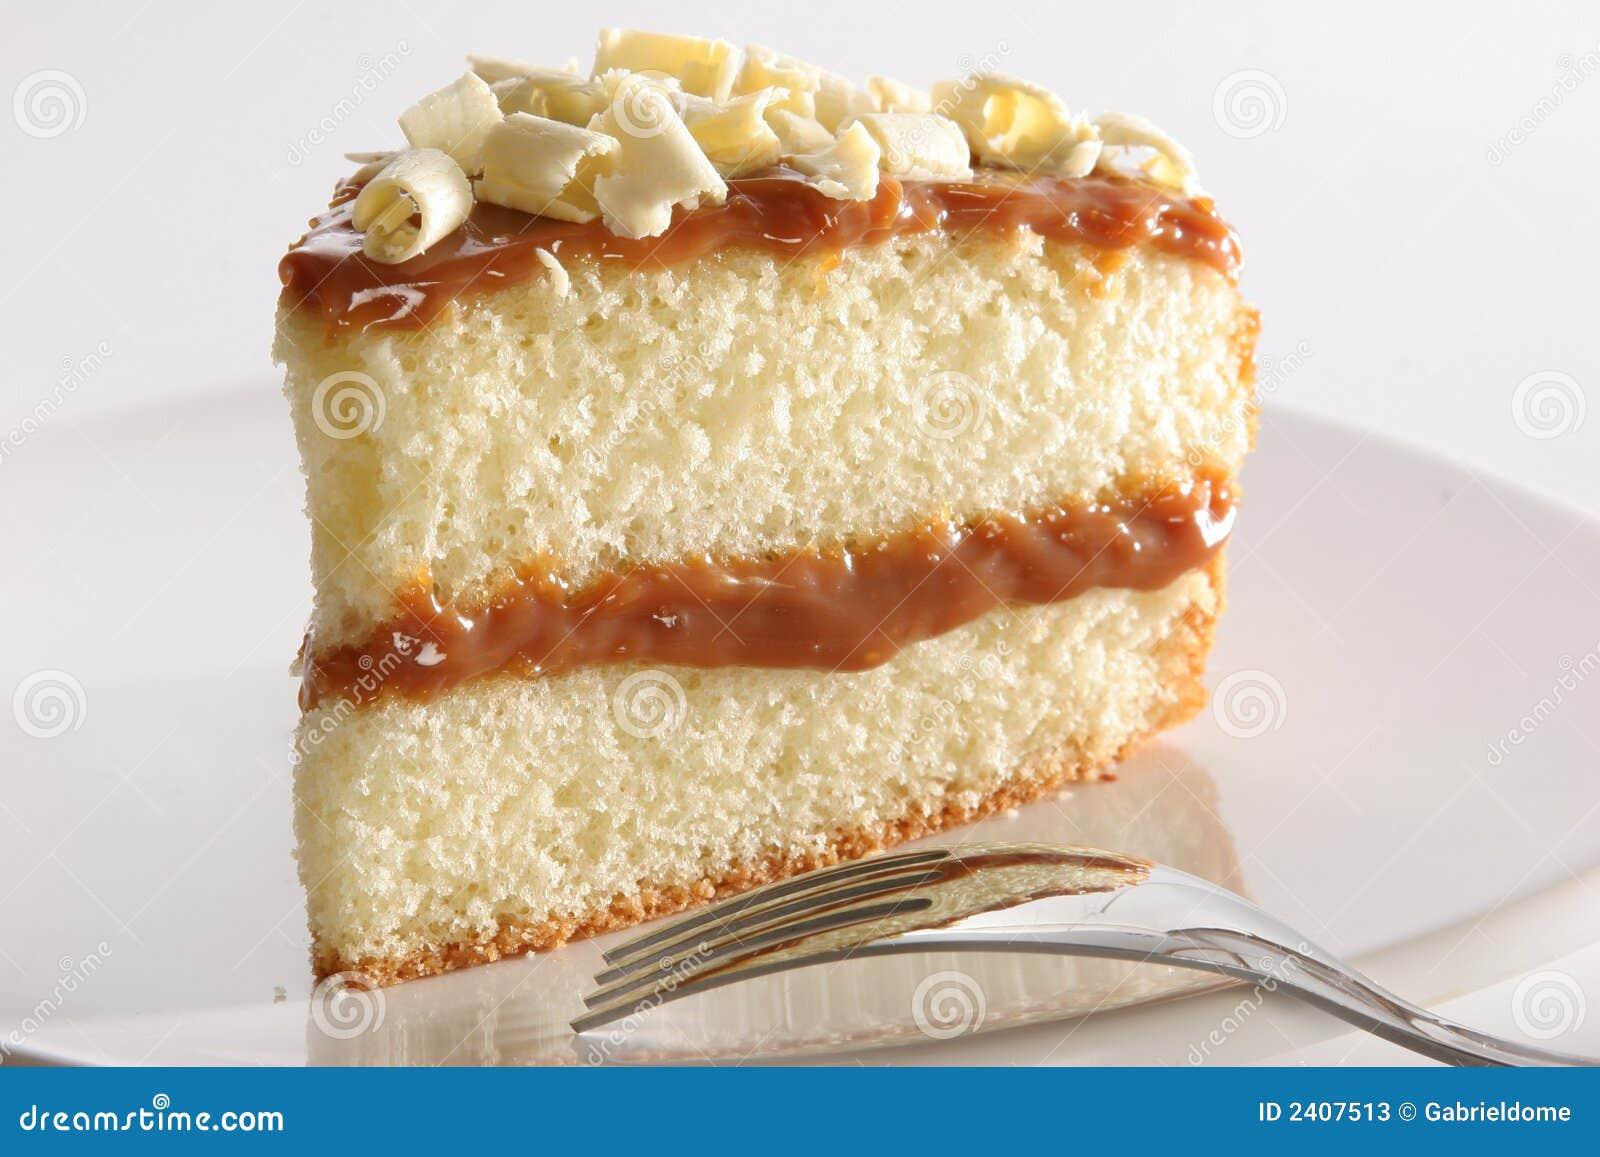 Argentina Lemon Cake